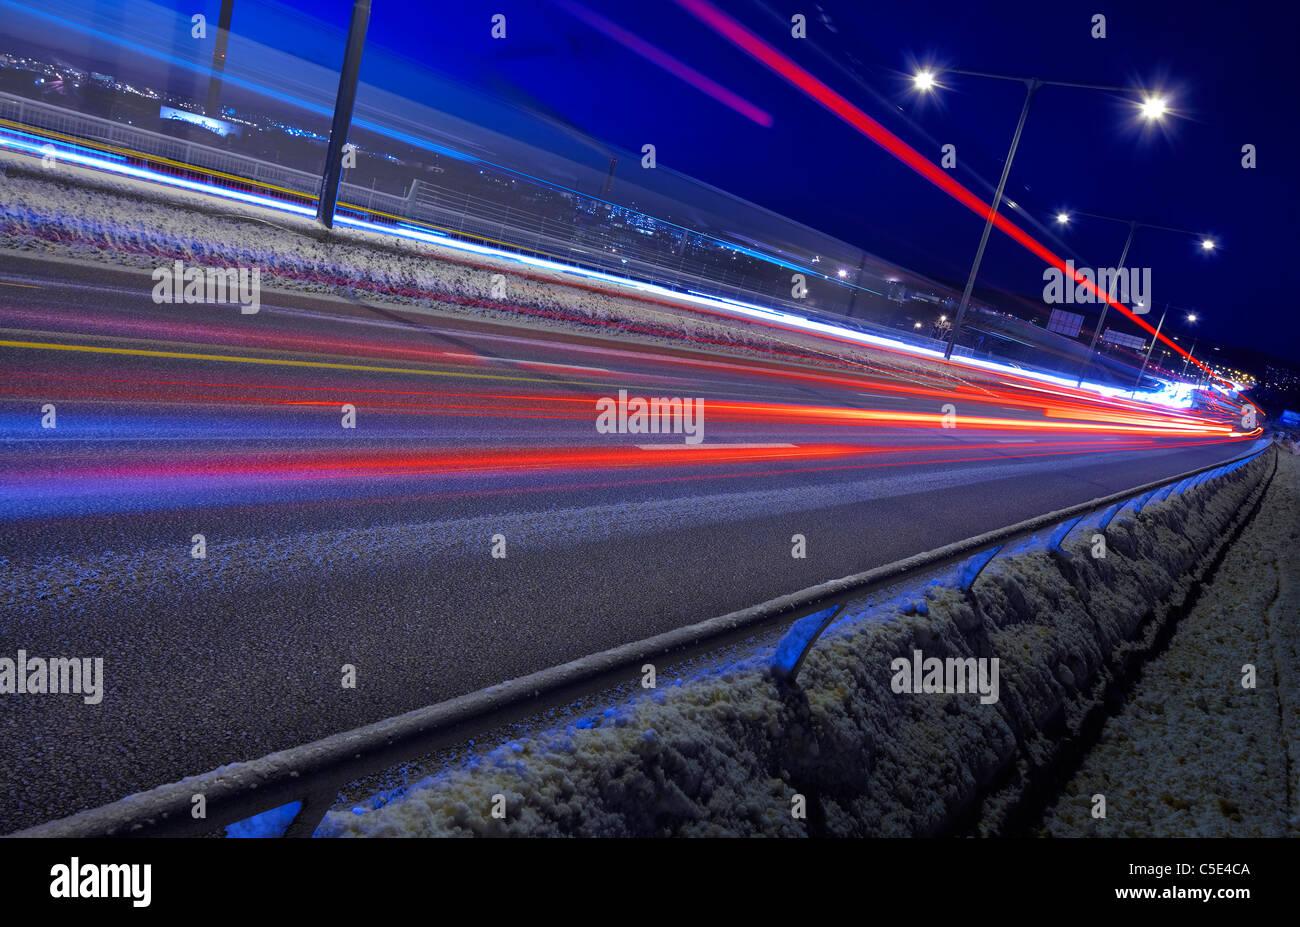 Inclinare shot di offuscata luce rossa percorsi su strada in inverno di notte Immagini Stock